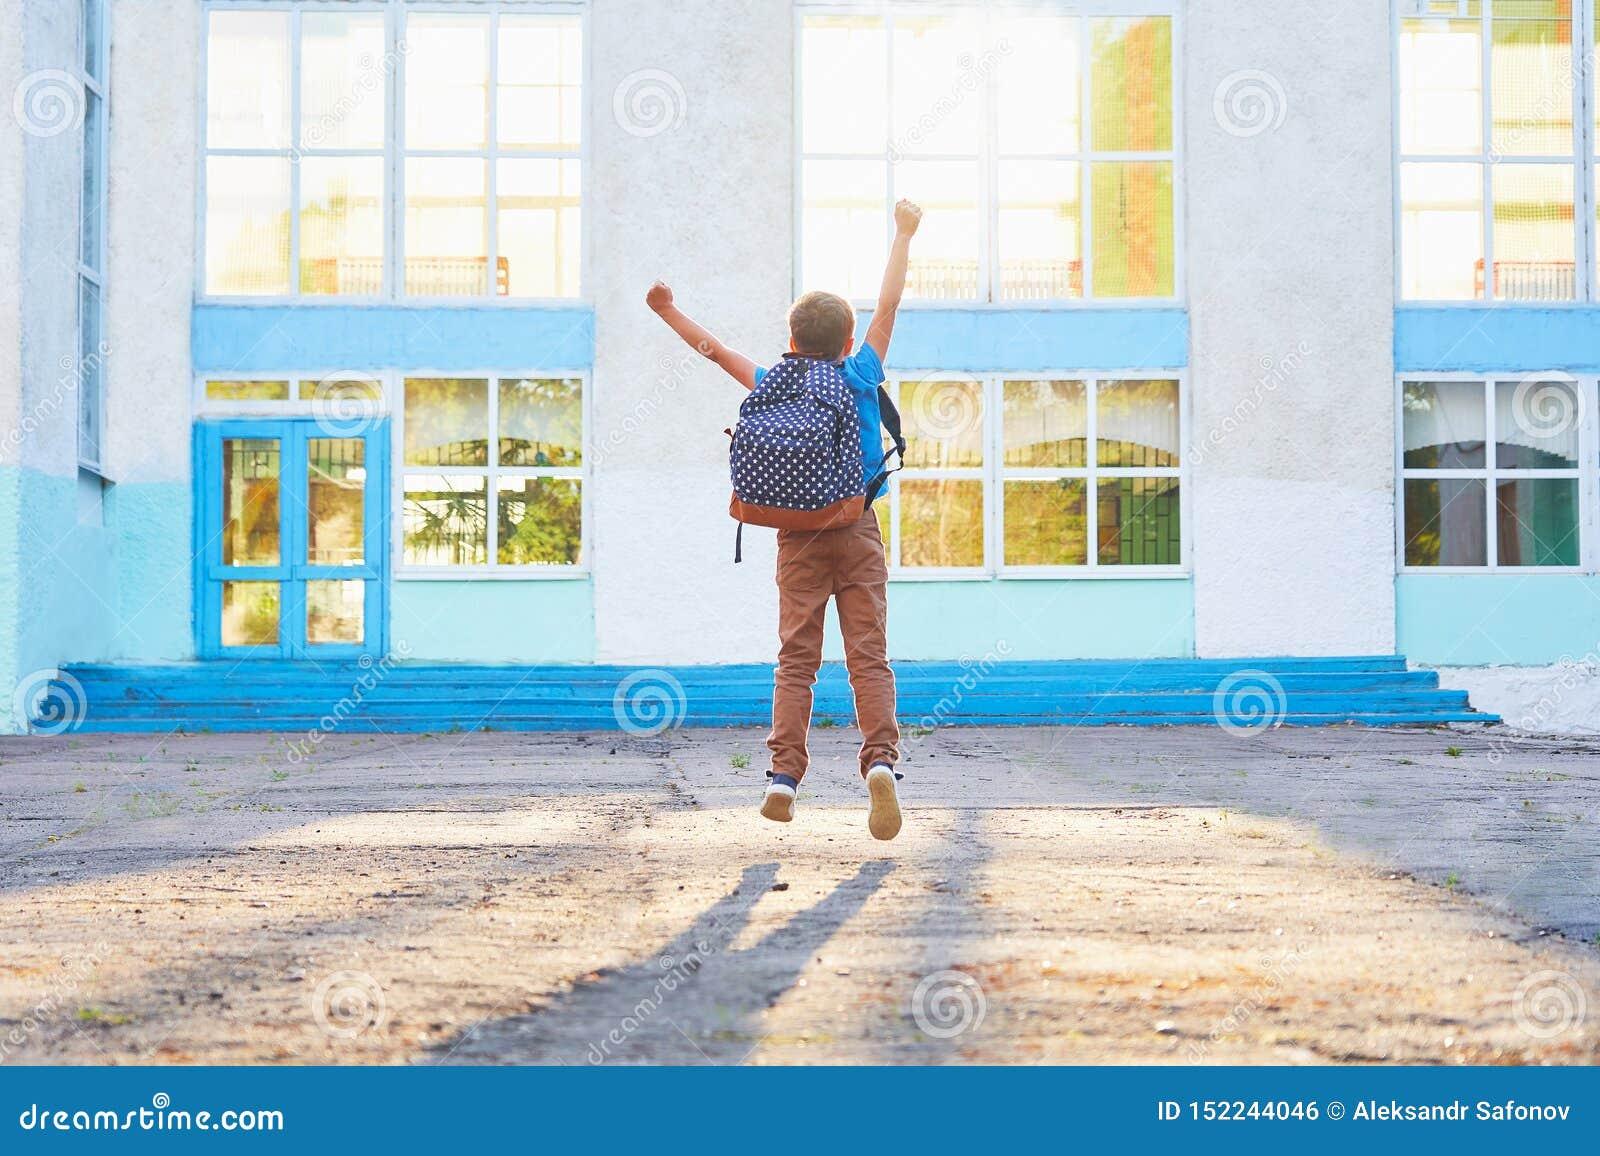 Niño pequeño feliz, salto de altura con alegría, el principio del año escolar el niño feliz va a la escuela primaria actitud posi